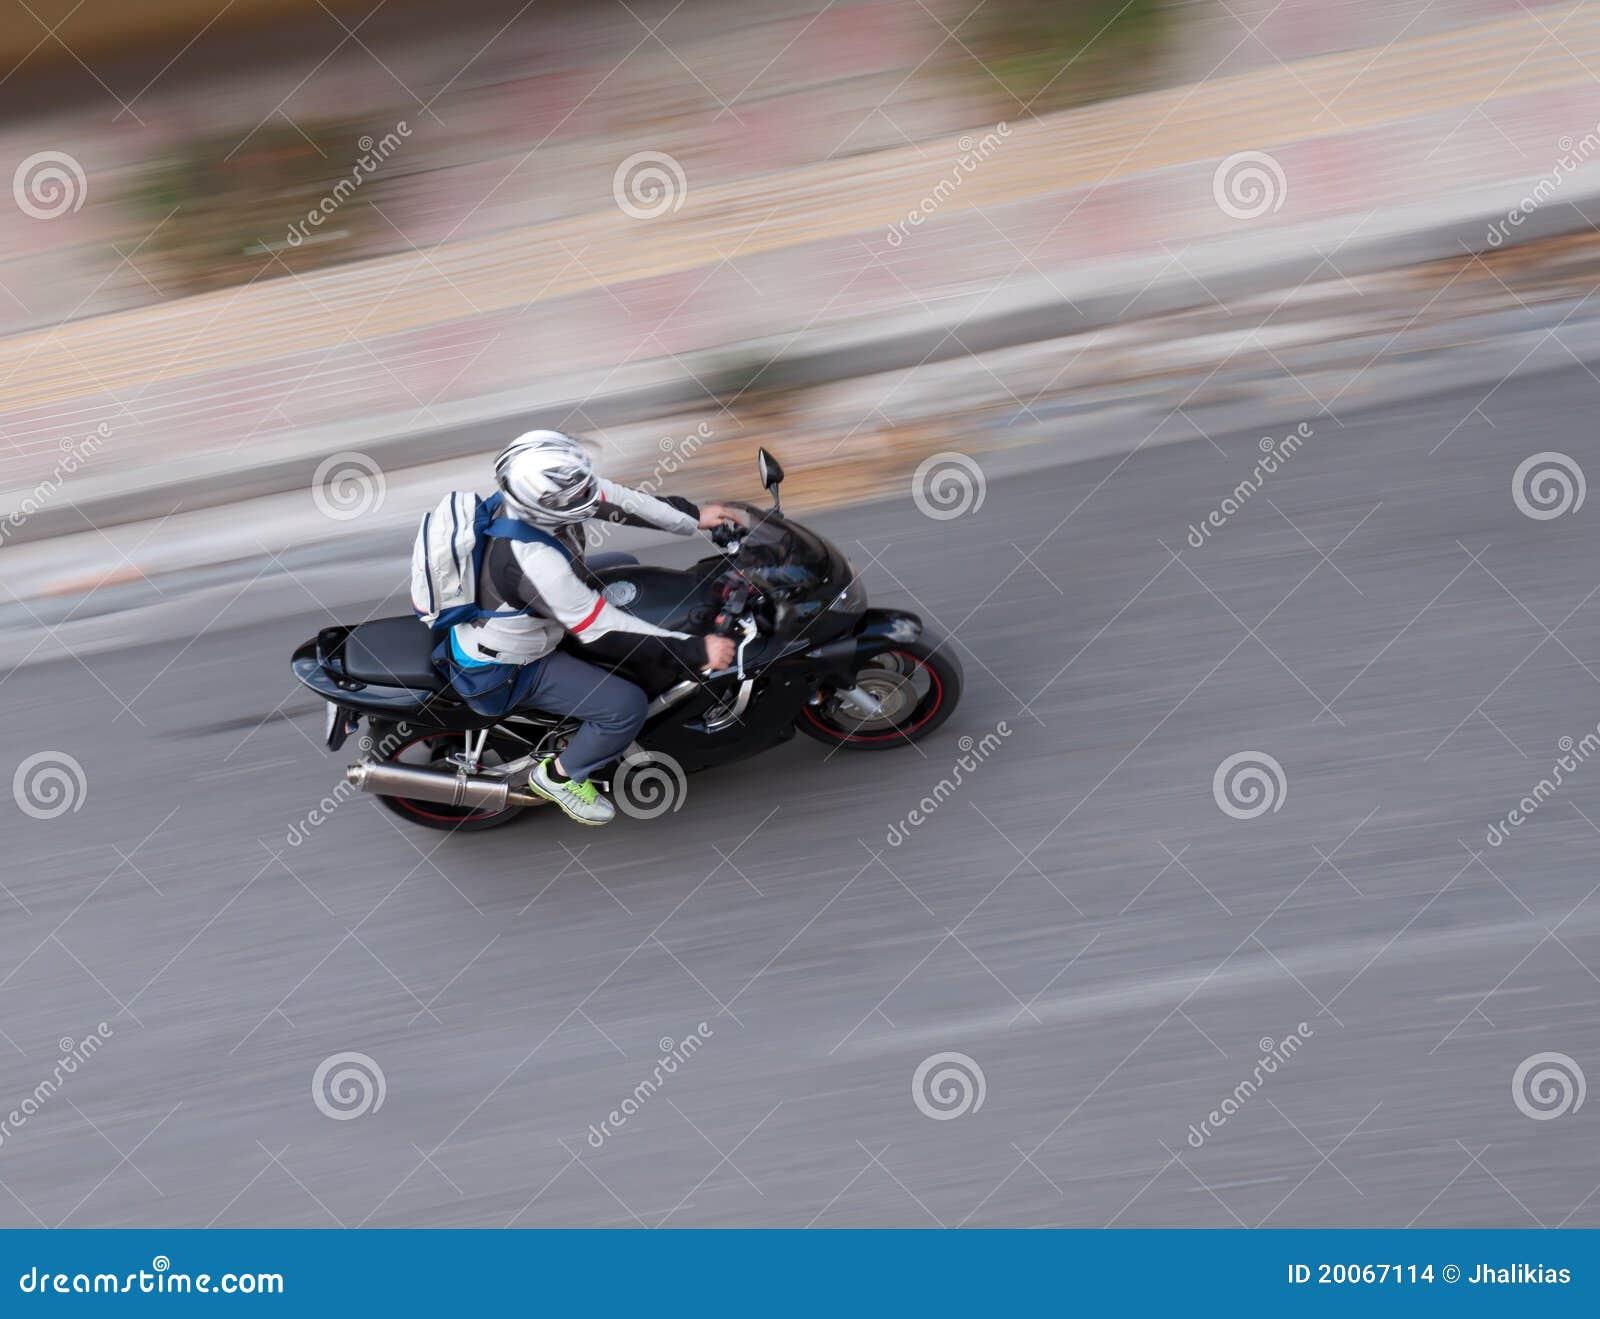 摩托车摇摄